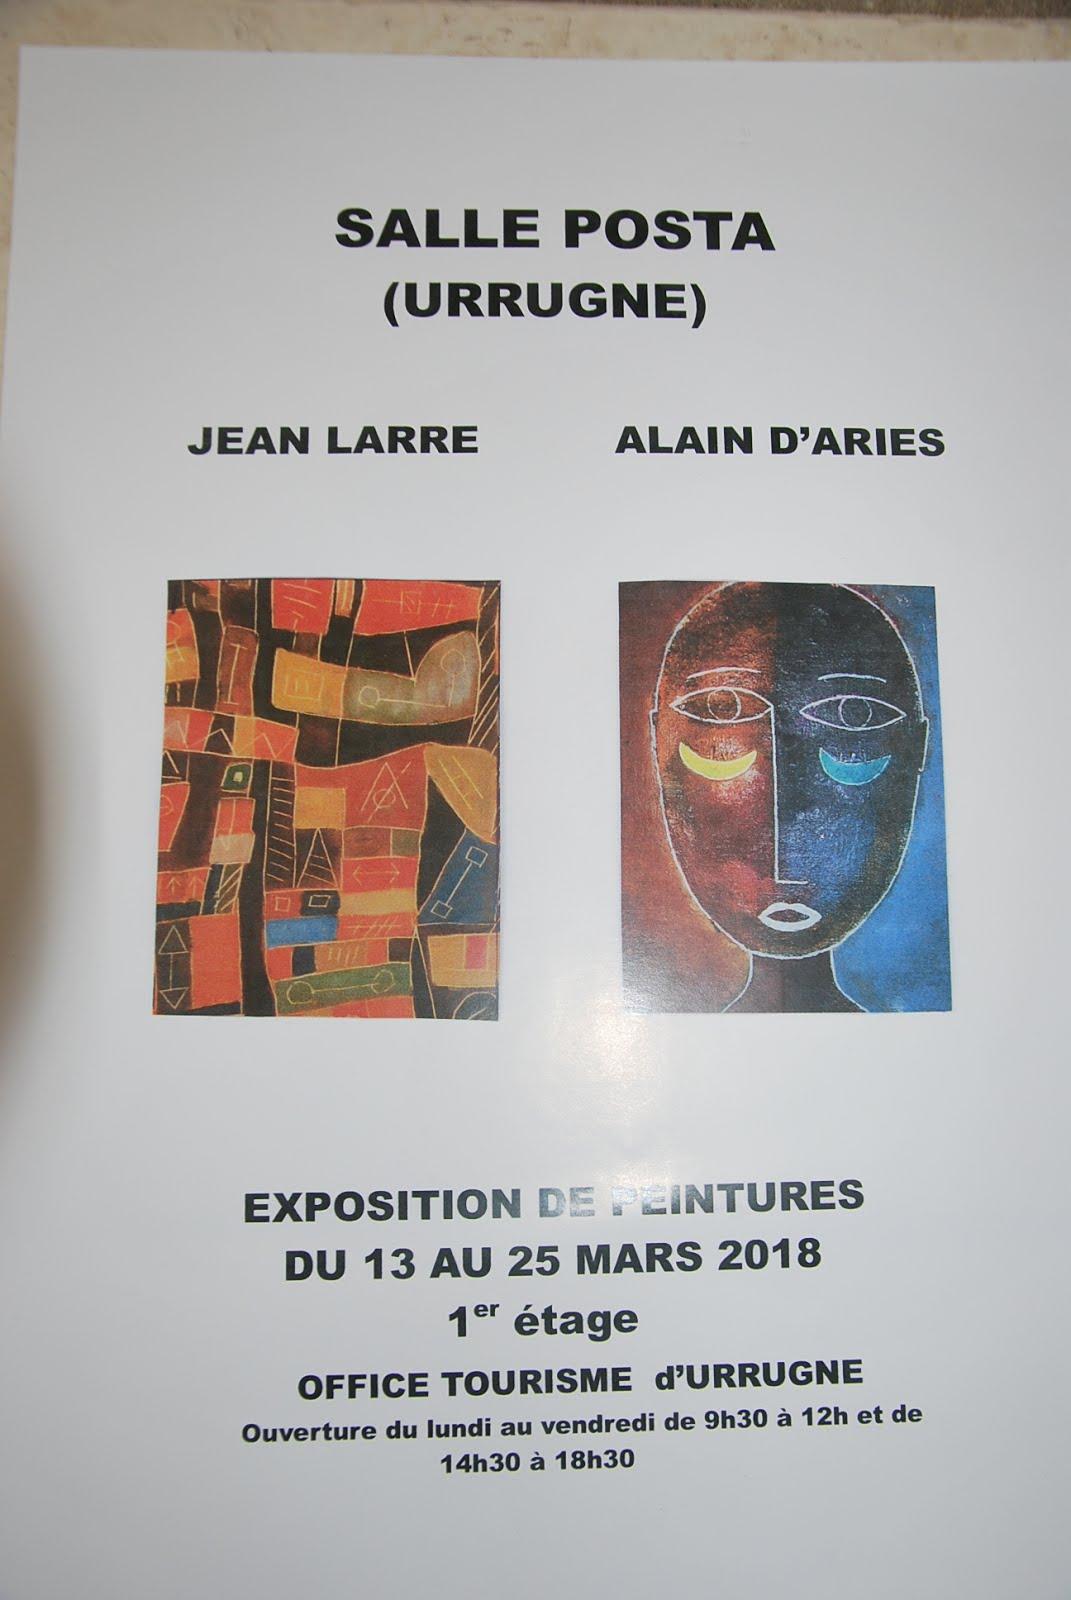 Expo Urrugne mars 2018